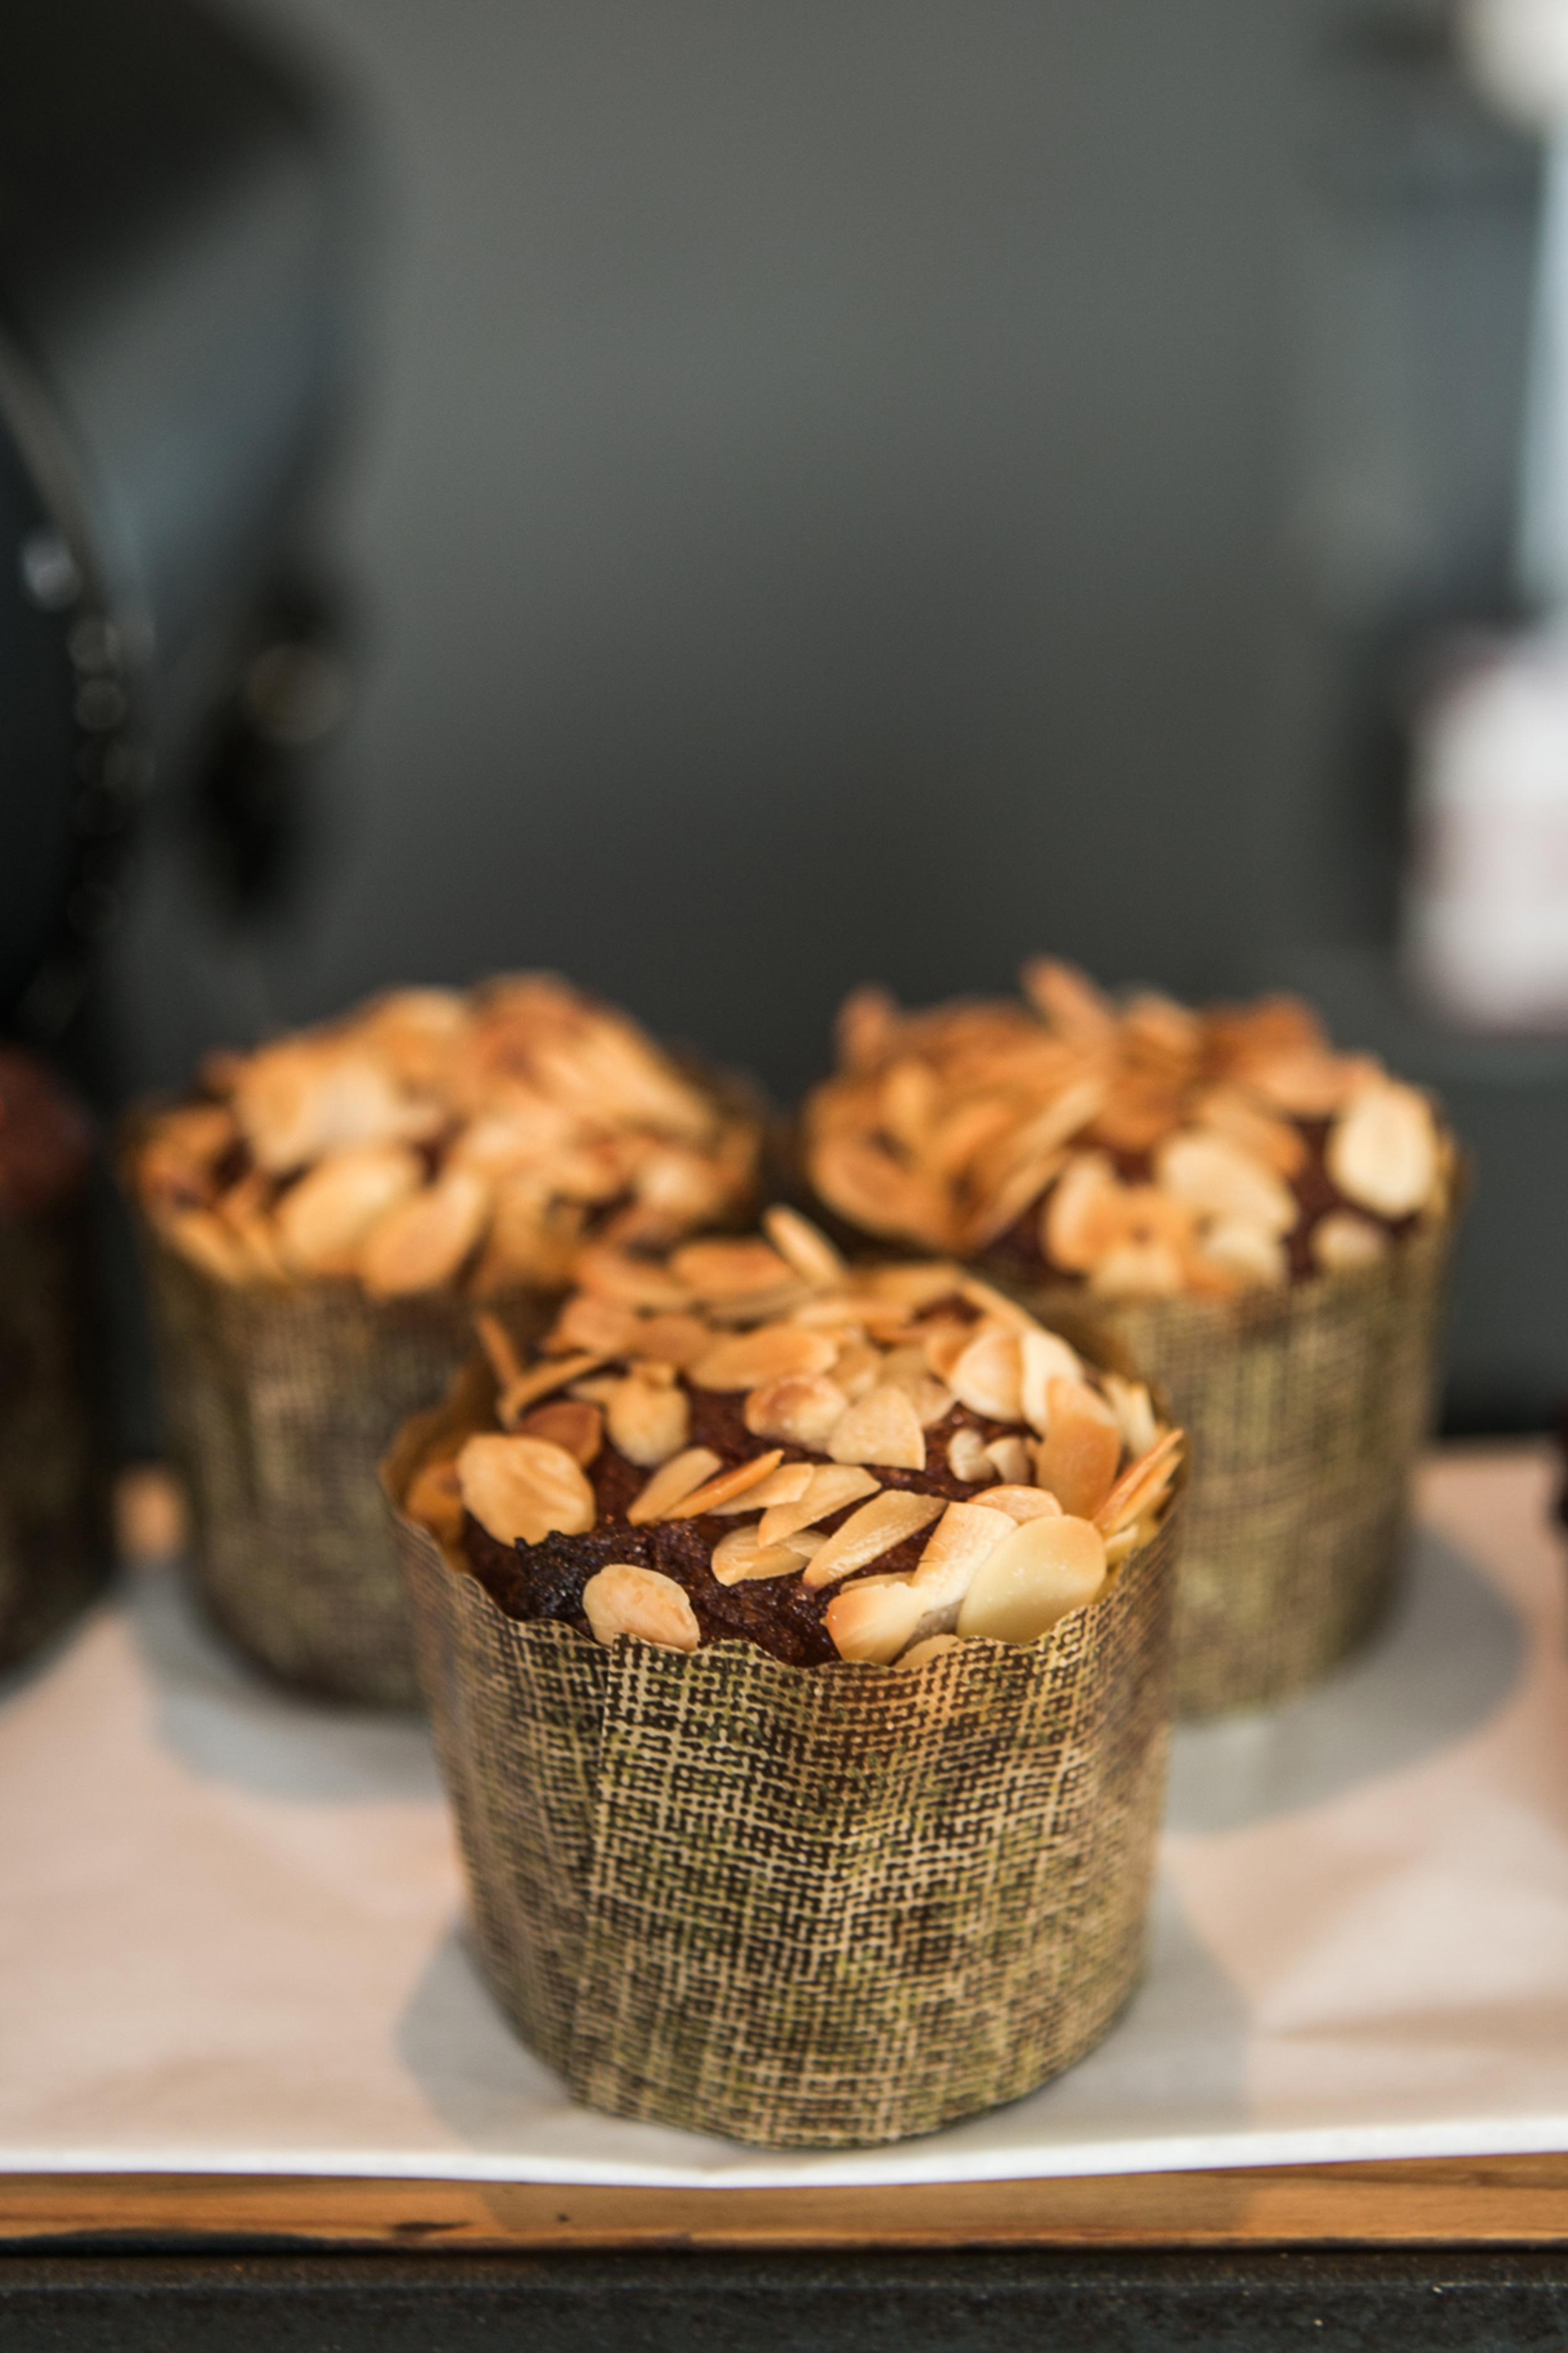 Muffin & Coffee.